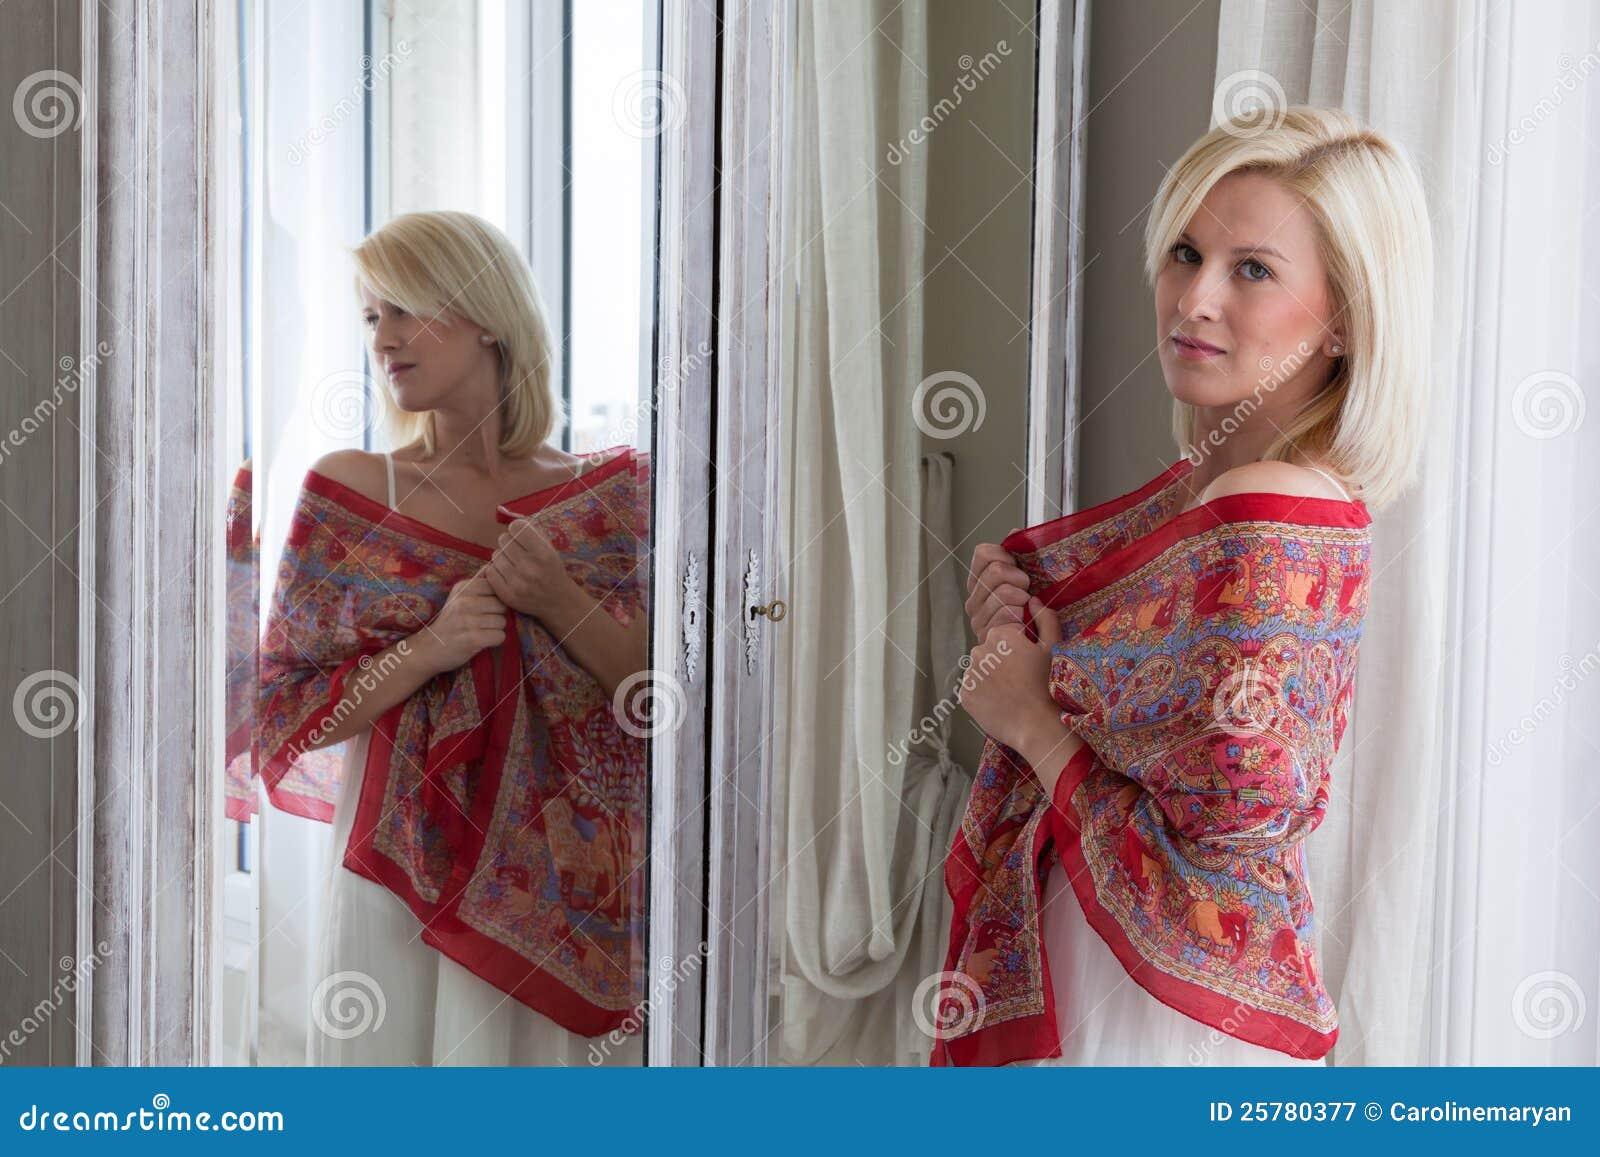 Bella donna che si leva in piedi davanti allo specchio immagine stock immagine di specchio - Bambini che si guardano allo specchio ...